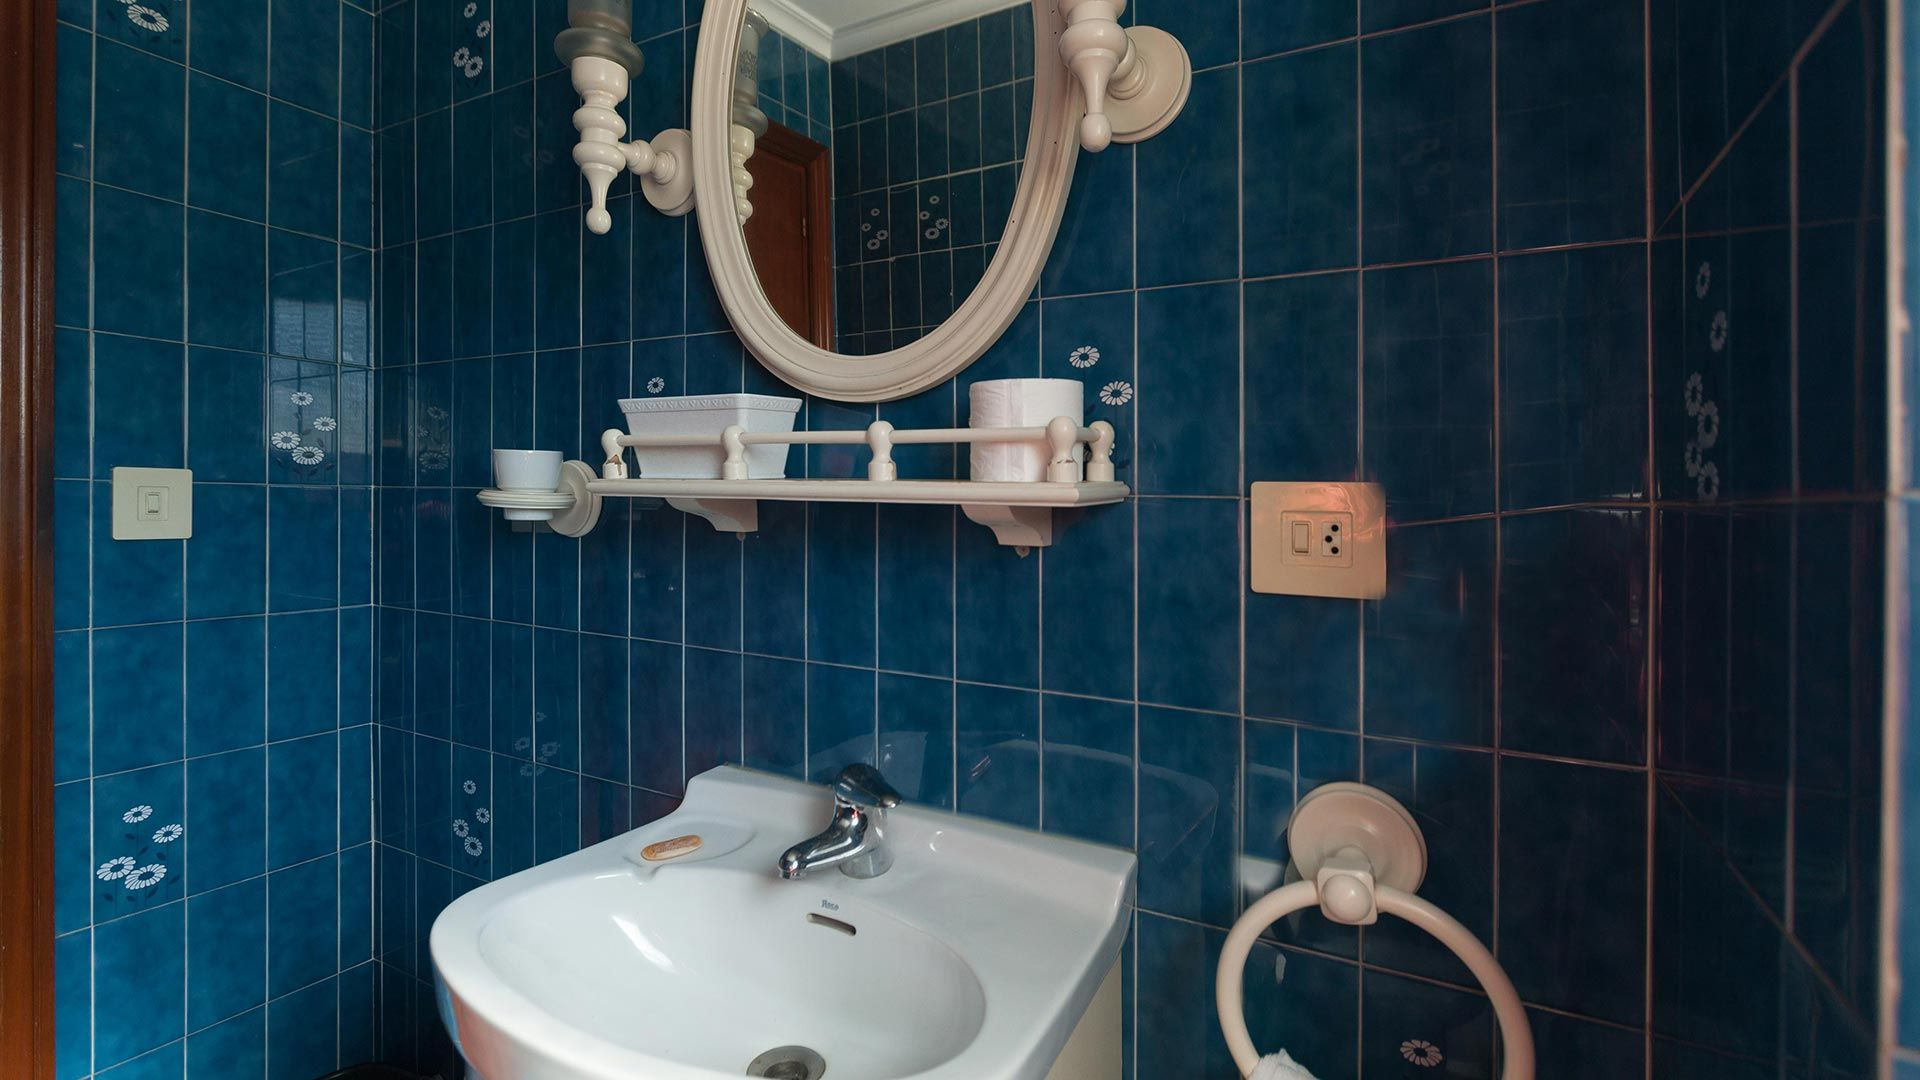 Cuarto de baño antiguo y deteriorado